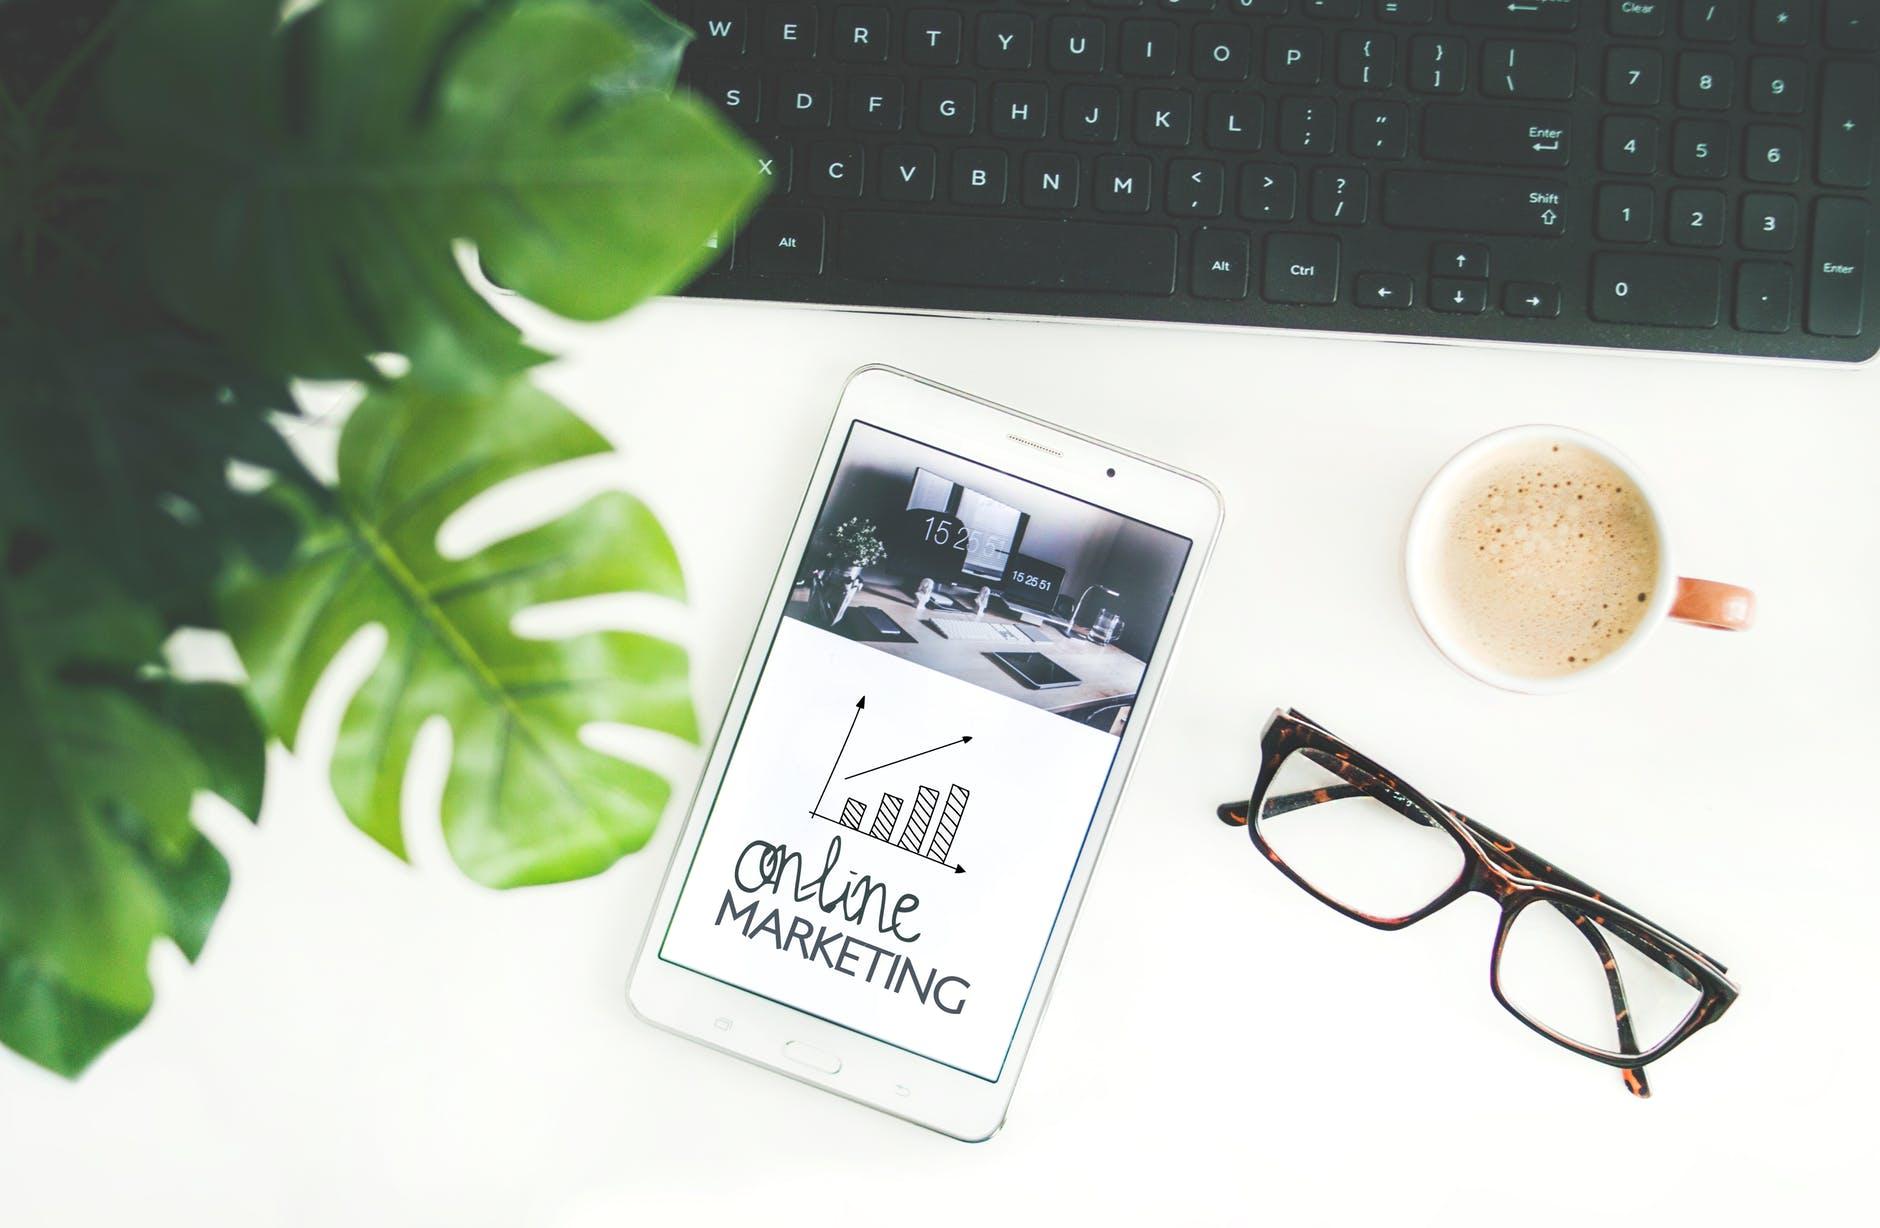 Худшие практики в e-mail маркетинге, SMM и контент-маркетинге